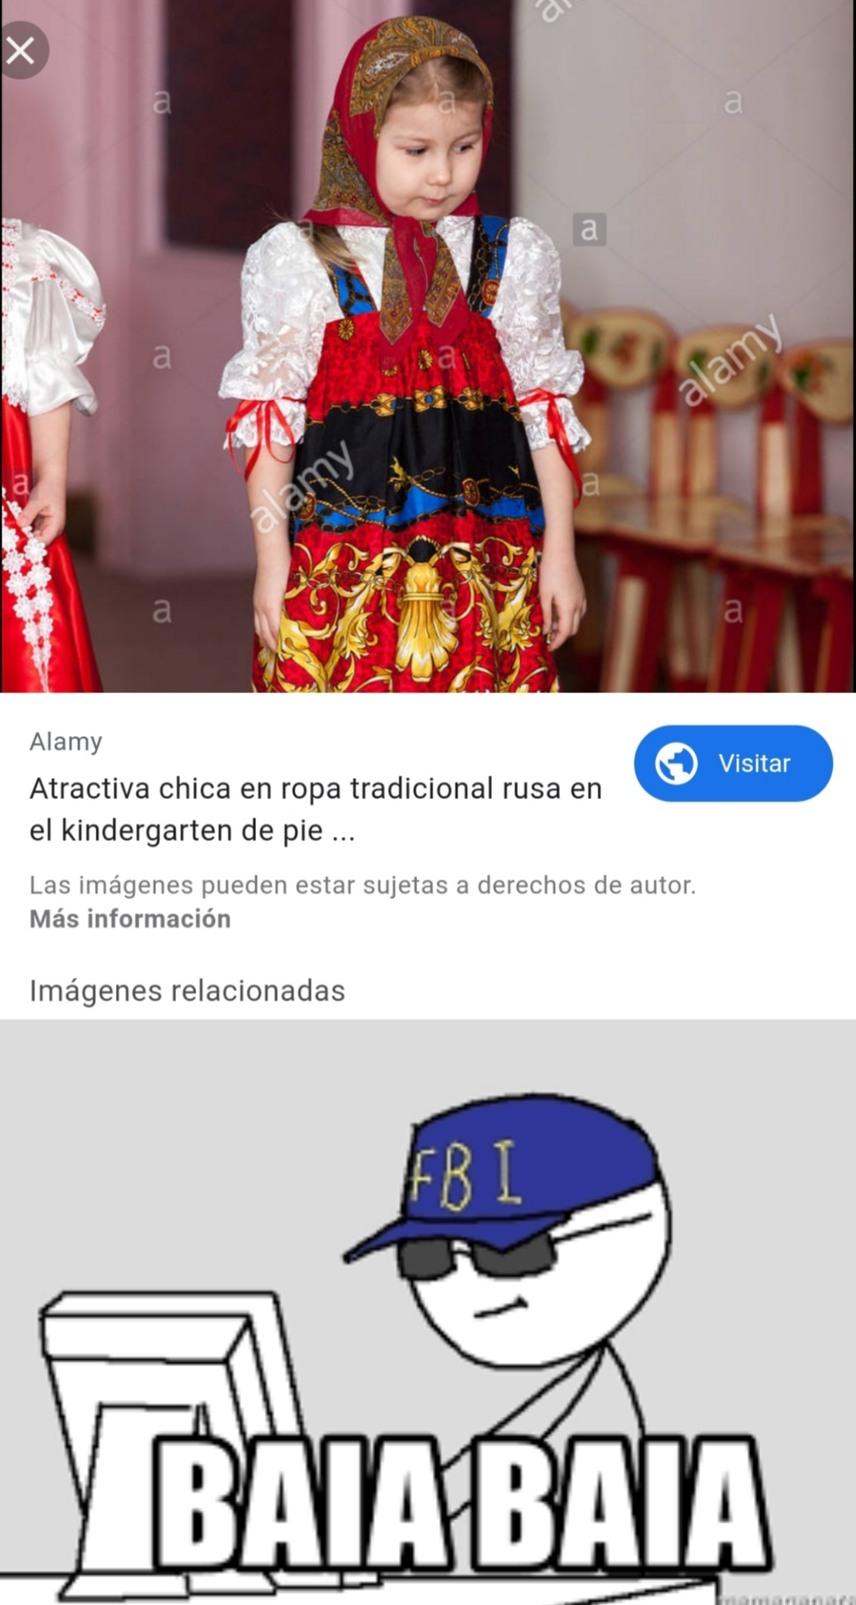 Busquen ropa tradicional rusa y les aparecerá esta imagen - meme